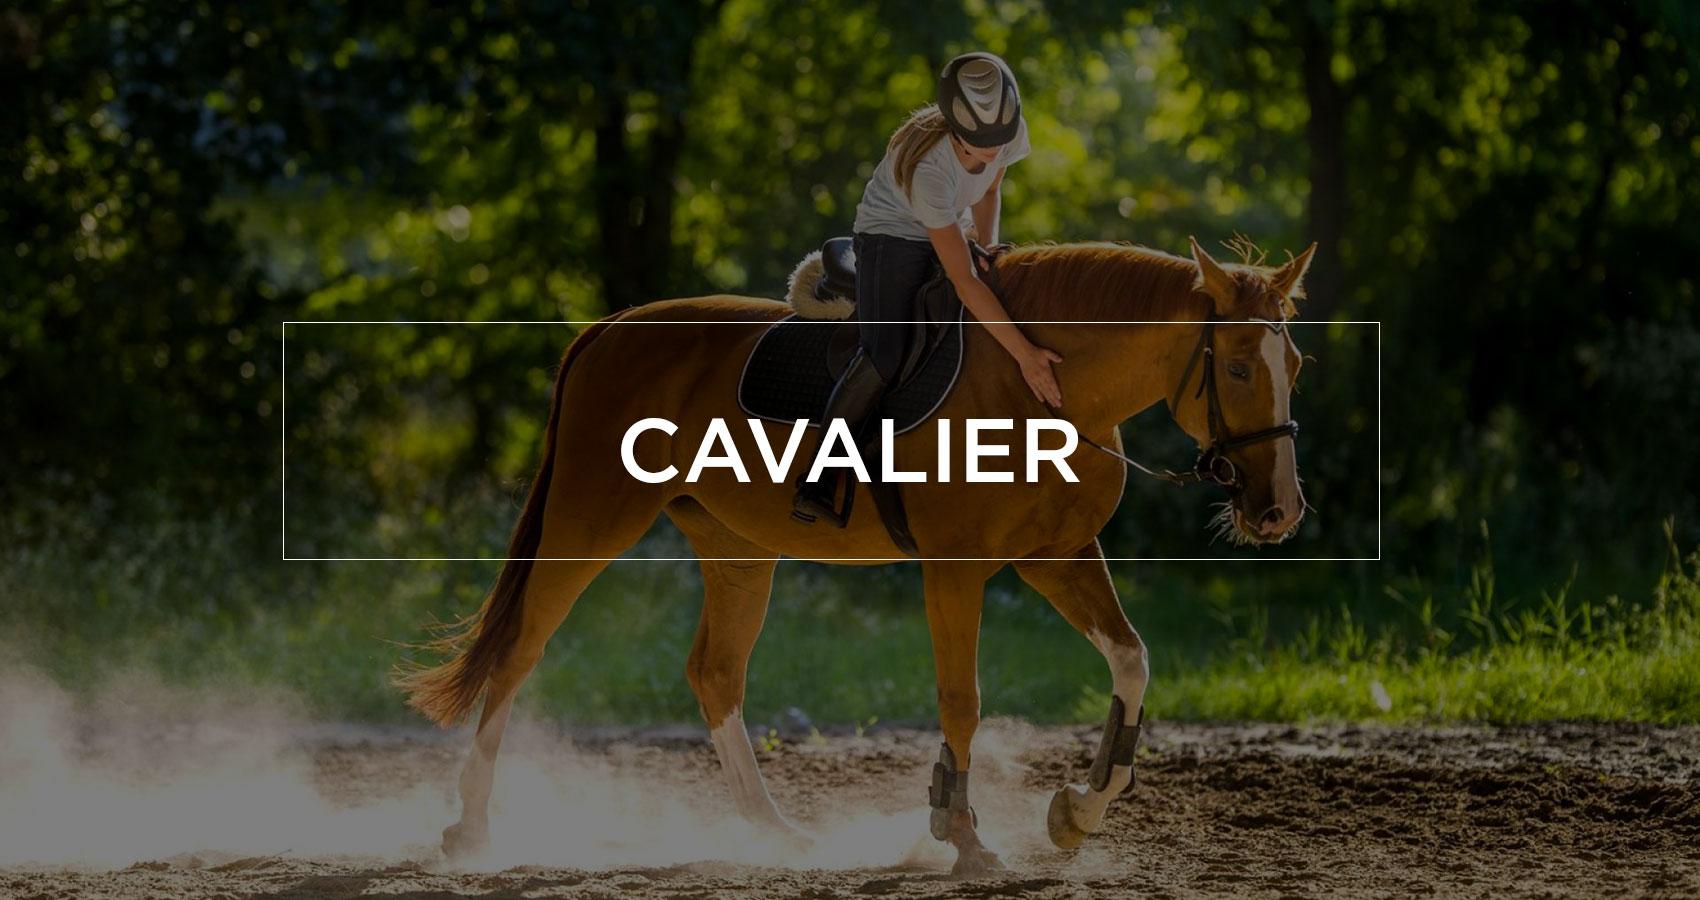 physiotherapie_cavalier_equitation-daigneault_st-hyaicnthe